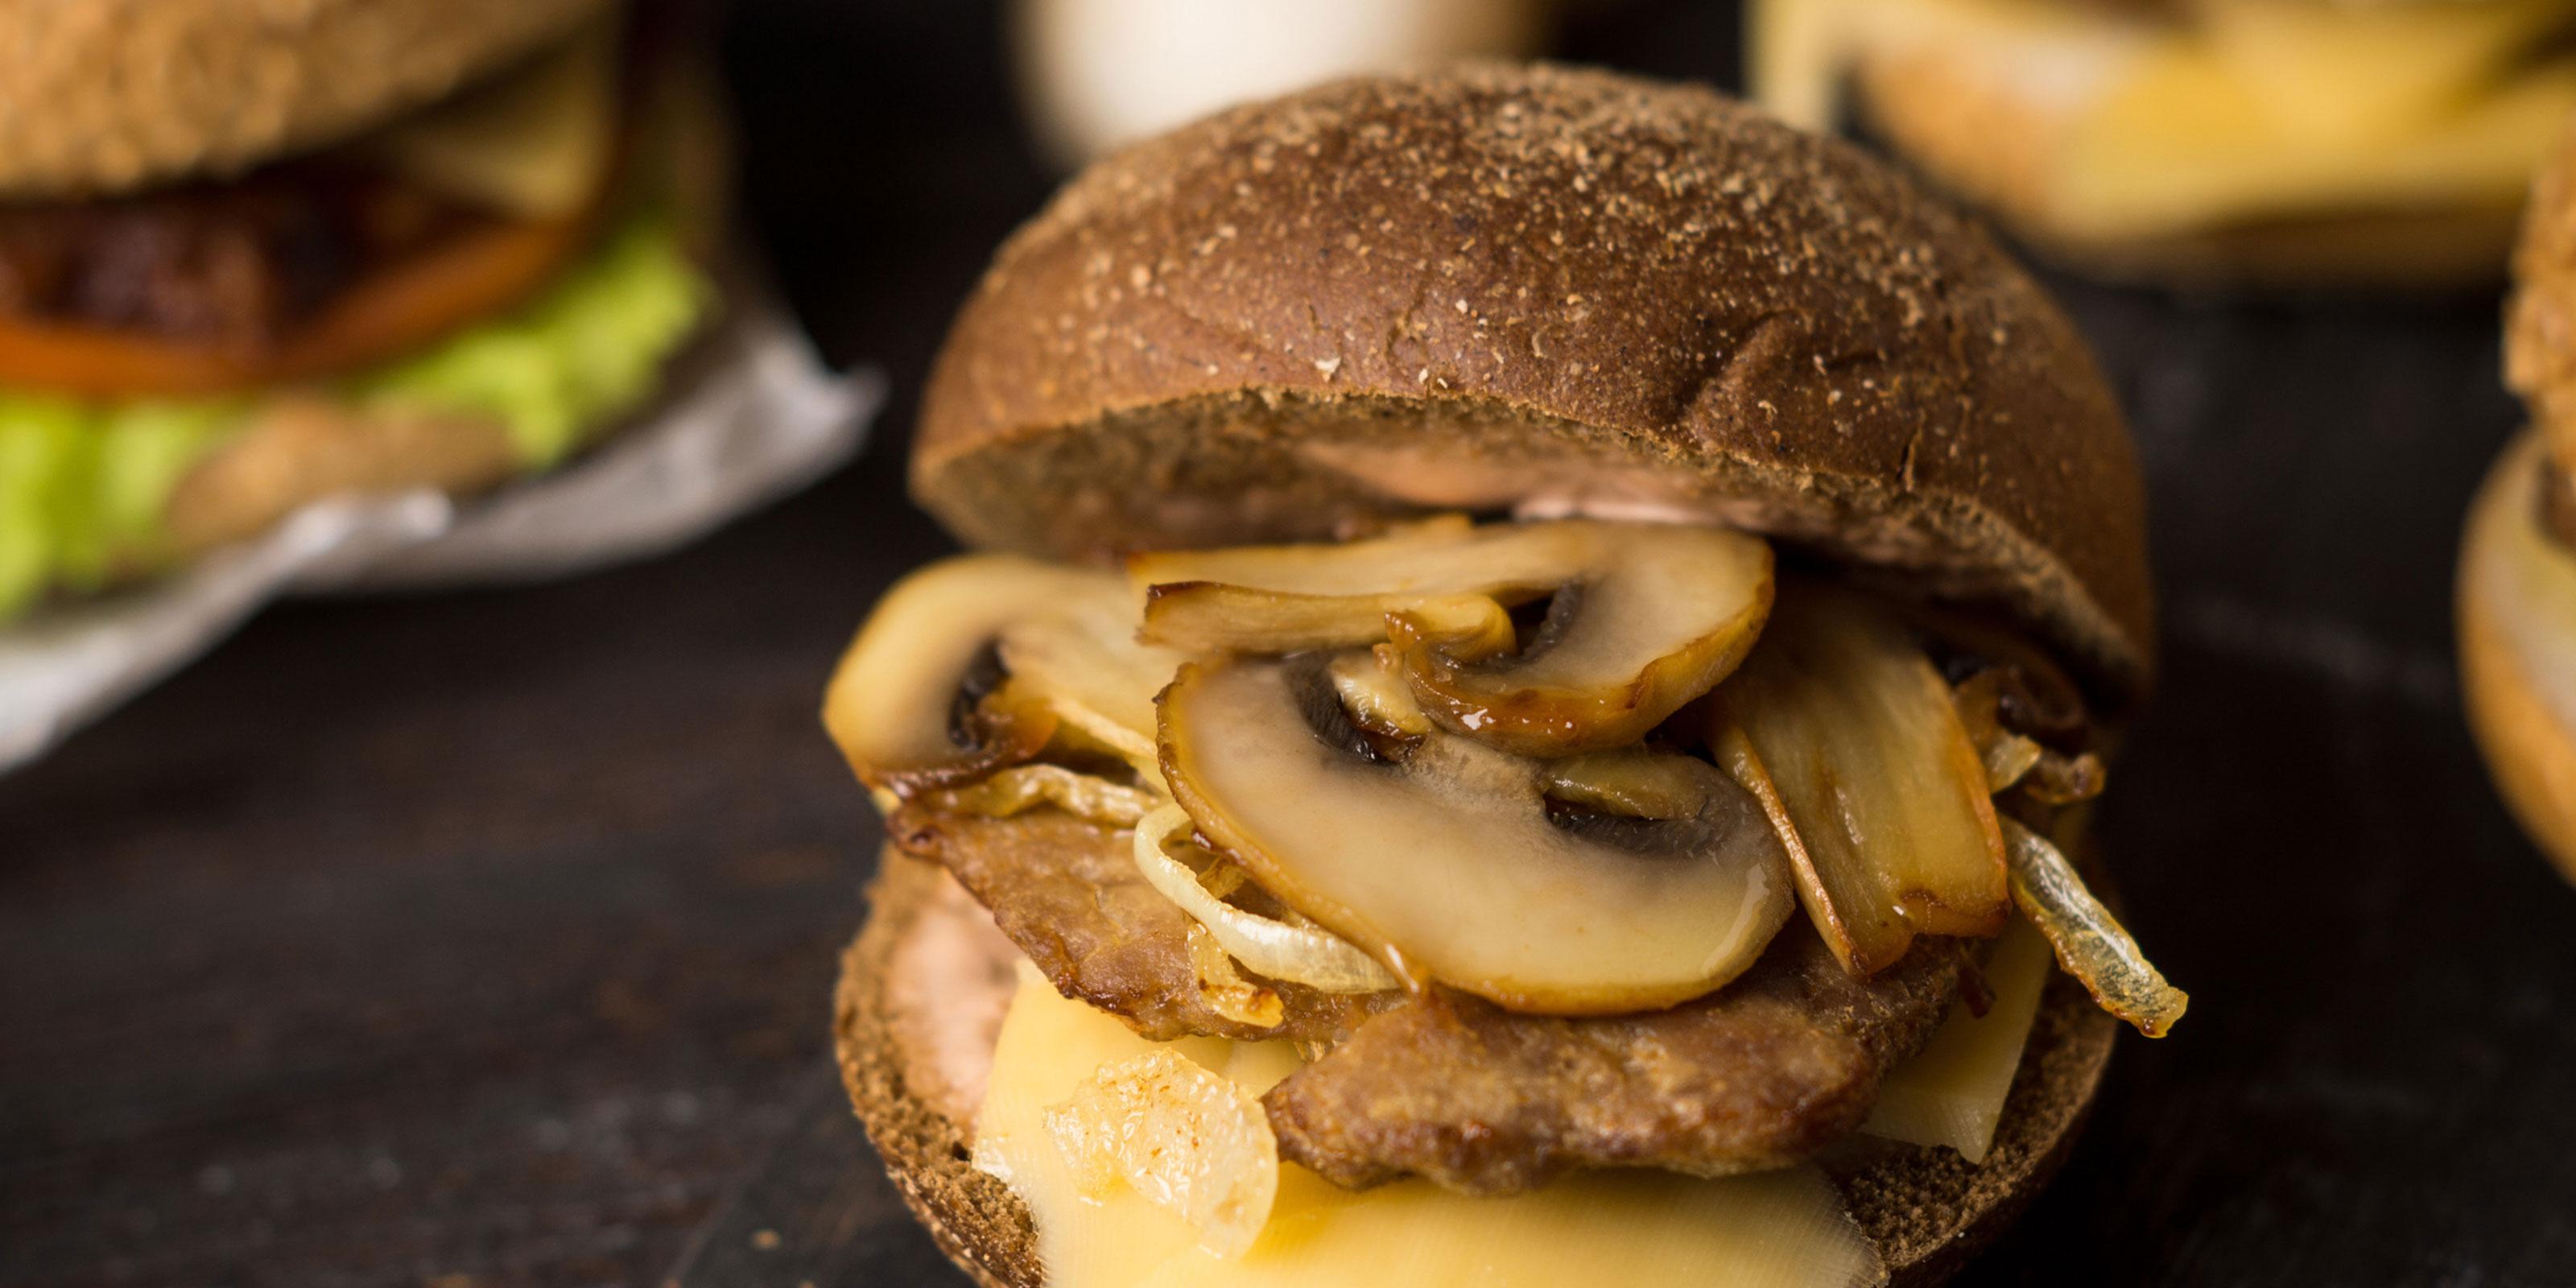 Rezept für Pilz-Burger mit Maronen-Pesto und Kathis Kräuterhof Waldzauber.